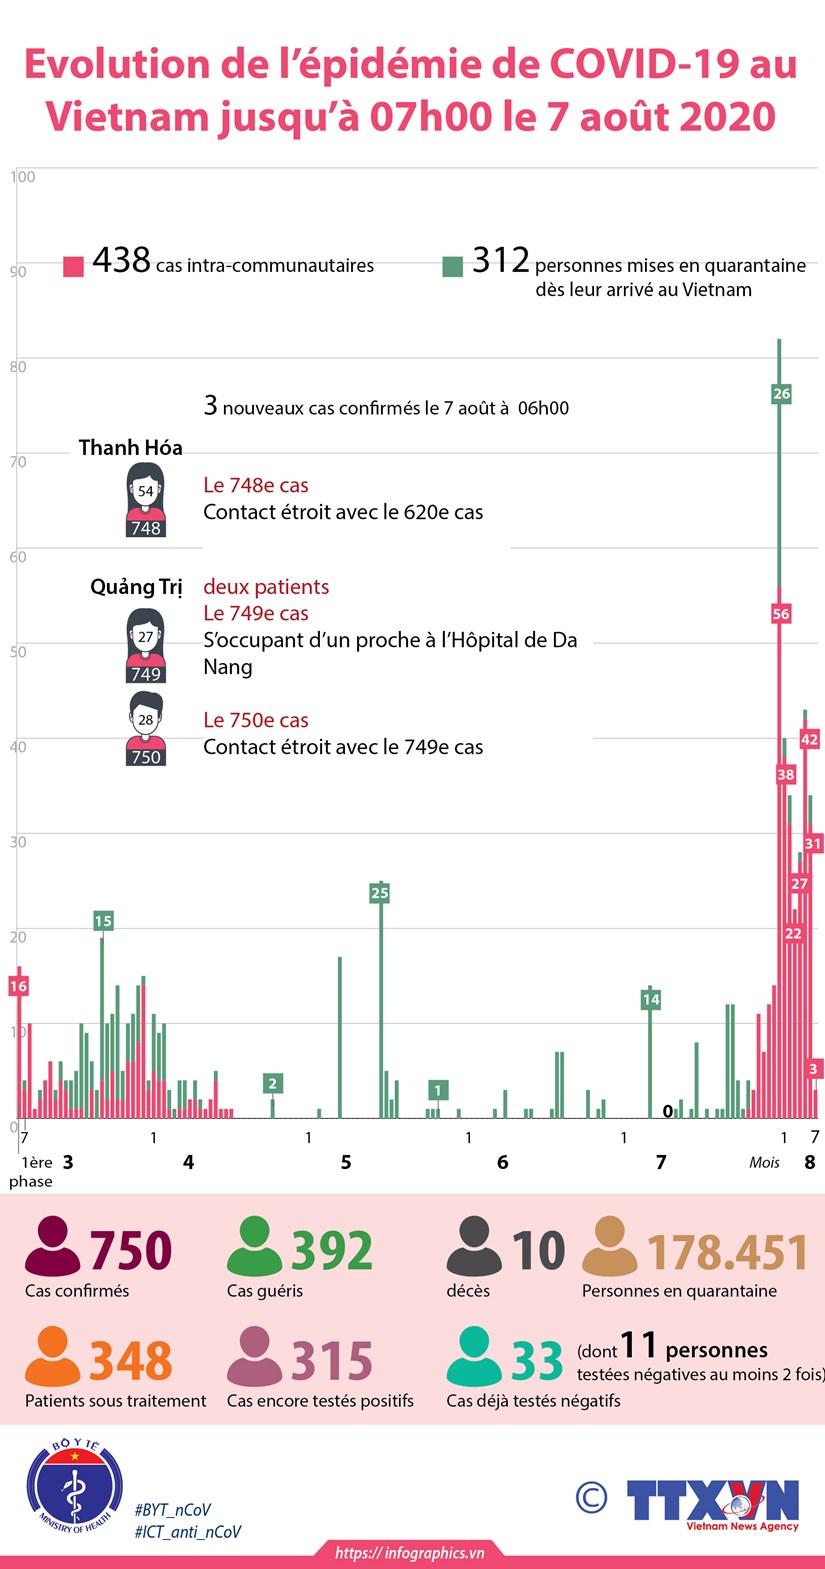 Evolution de l'epidemie de COVID-19 au Vietnam jusqu'a 07h00 le 7 aout 2020 hinh anh 1